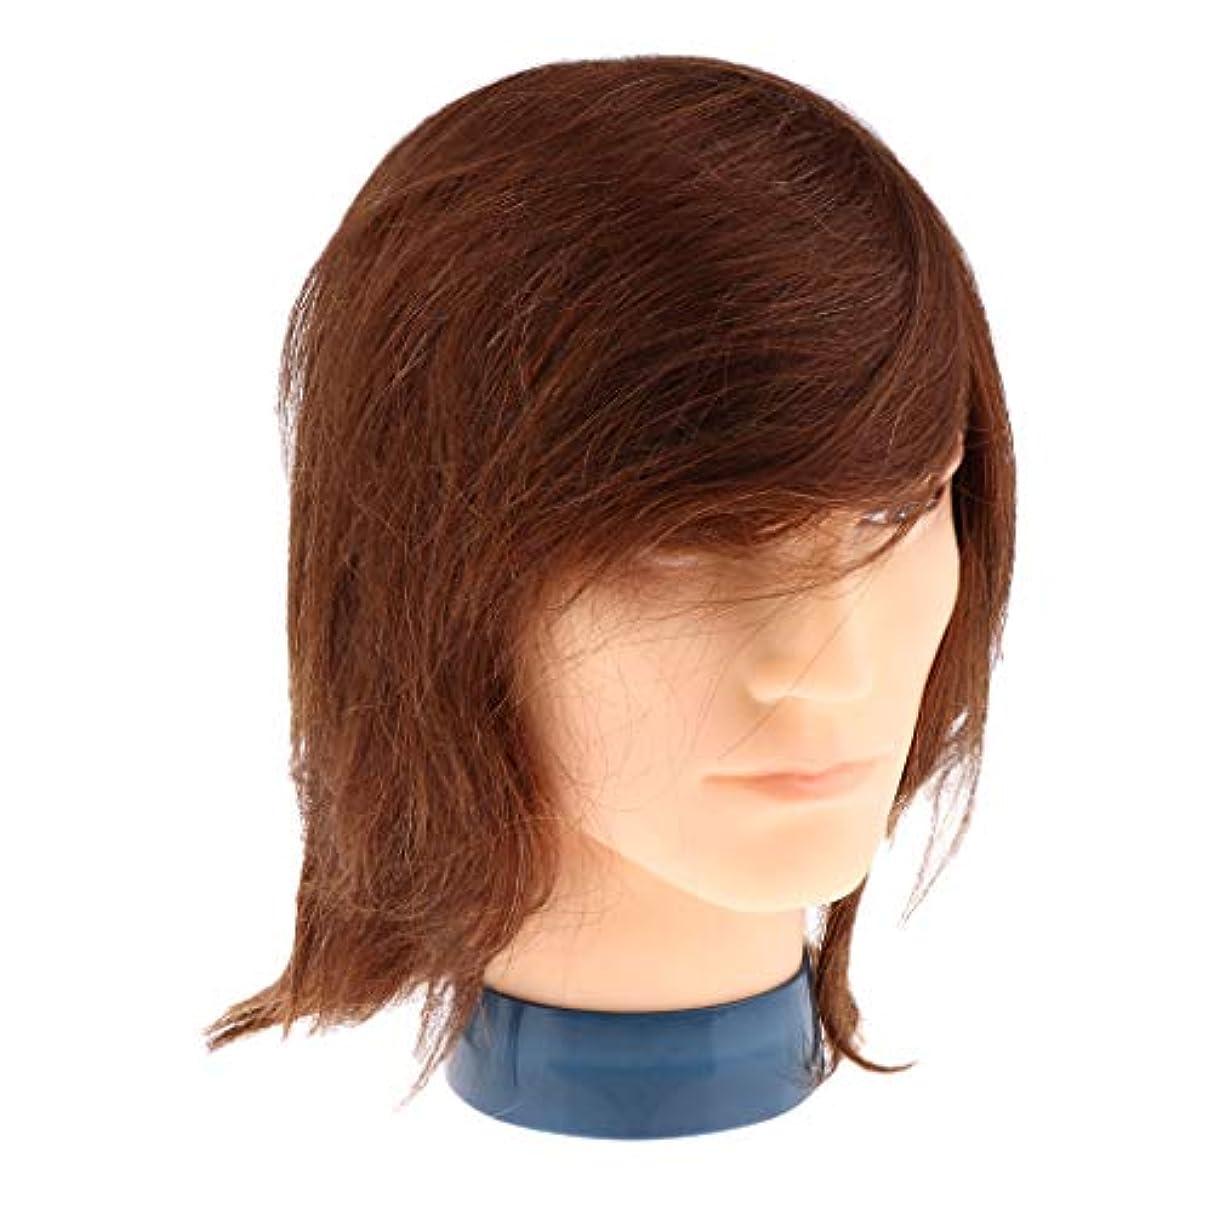 エンジン彼女の八T TOOYFUL マネキンヘッド ディスプレイ スタンド ウィッグ 男性 人間の髪の毛 ヘアプラクティスヘッド 全2色 - 褐色